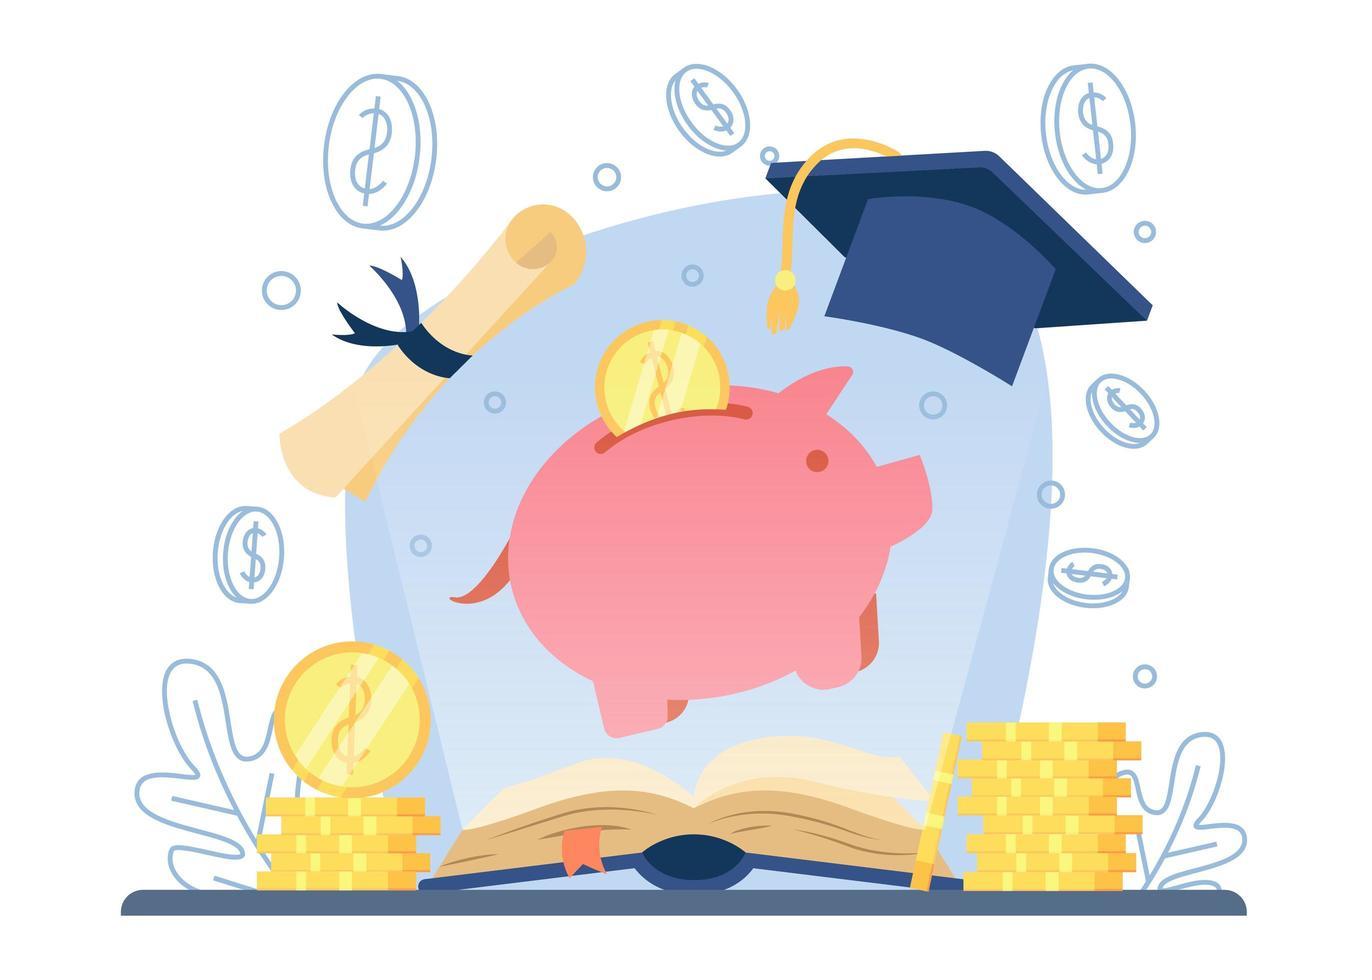 investissement dans le concept de l'éducation vecteur